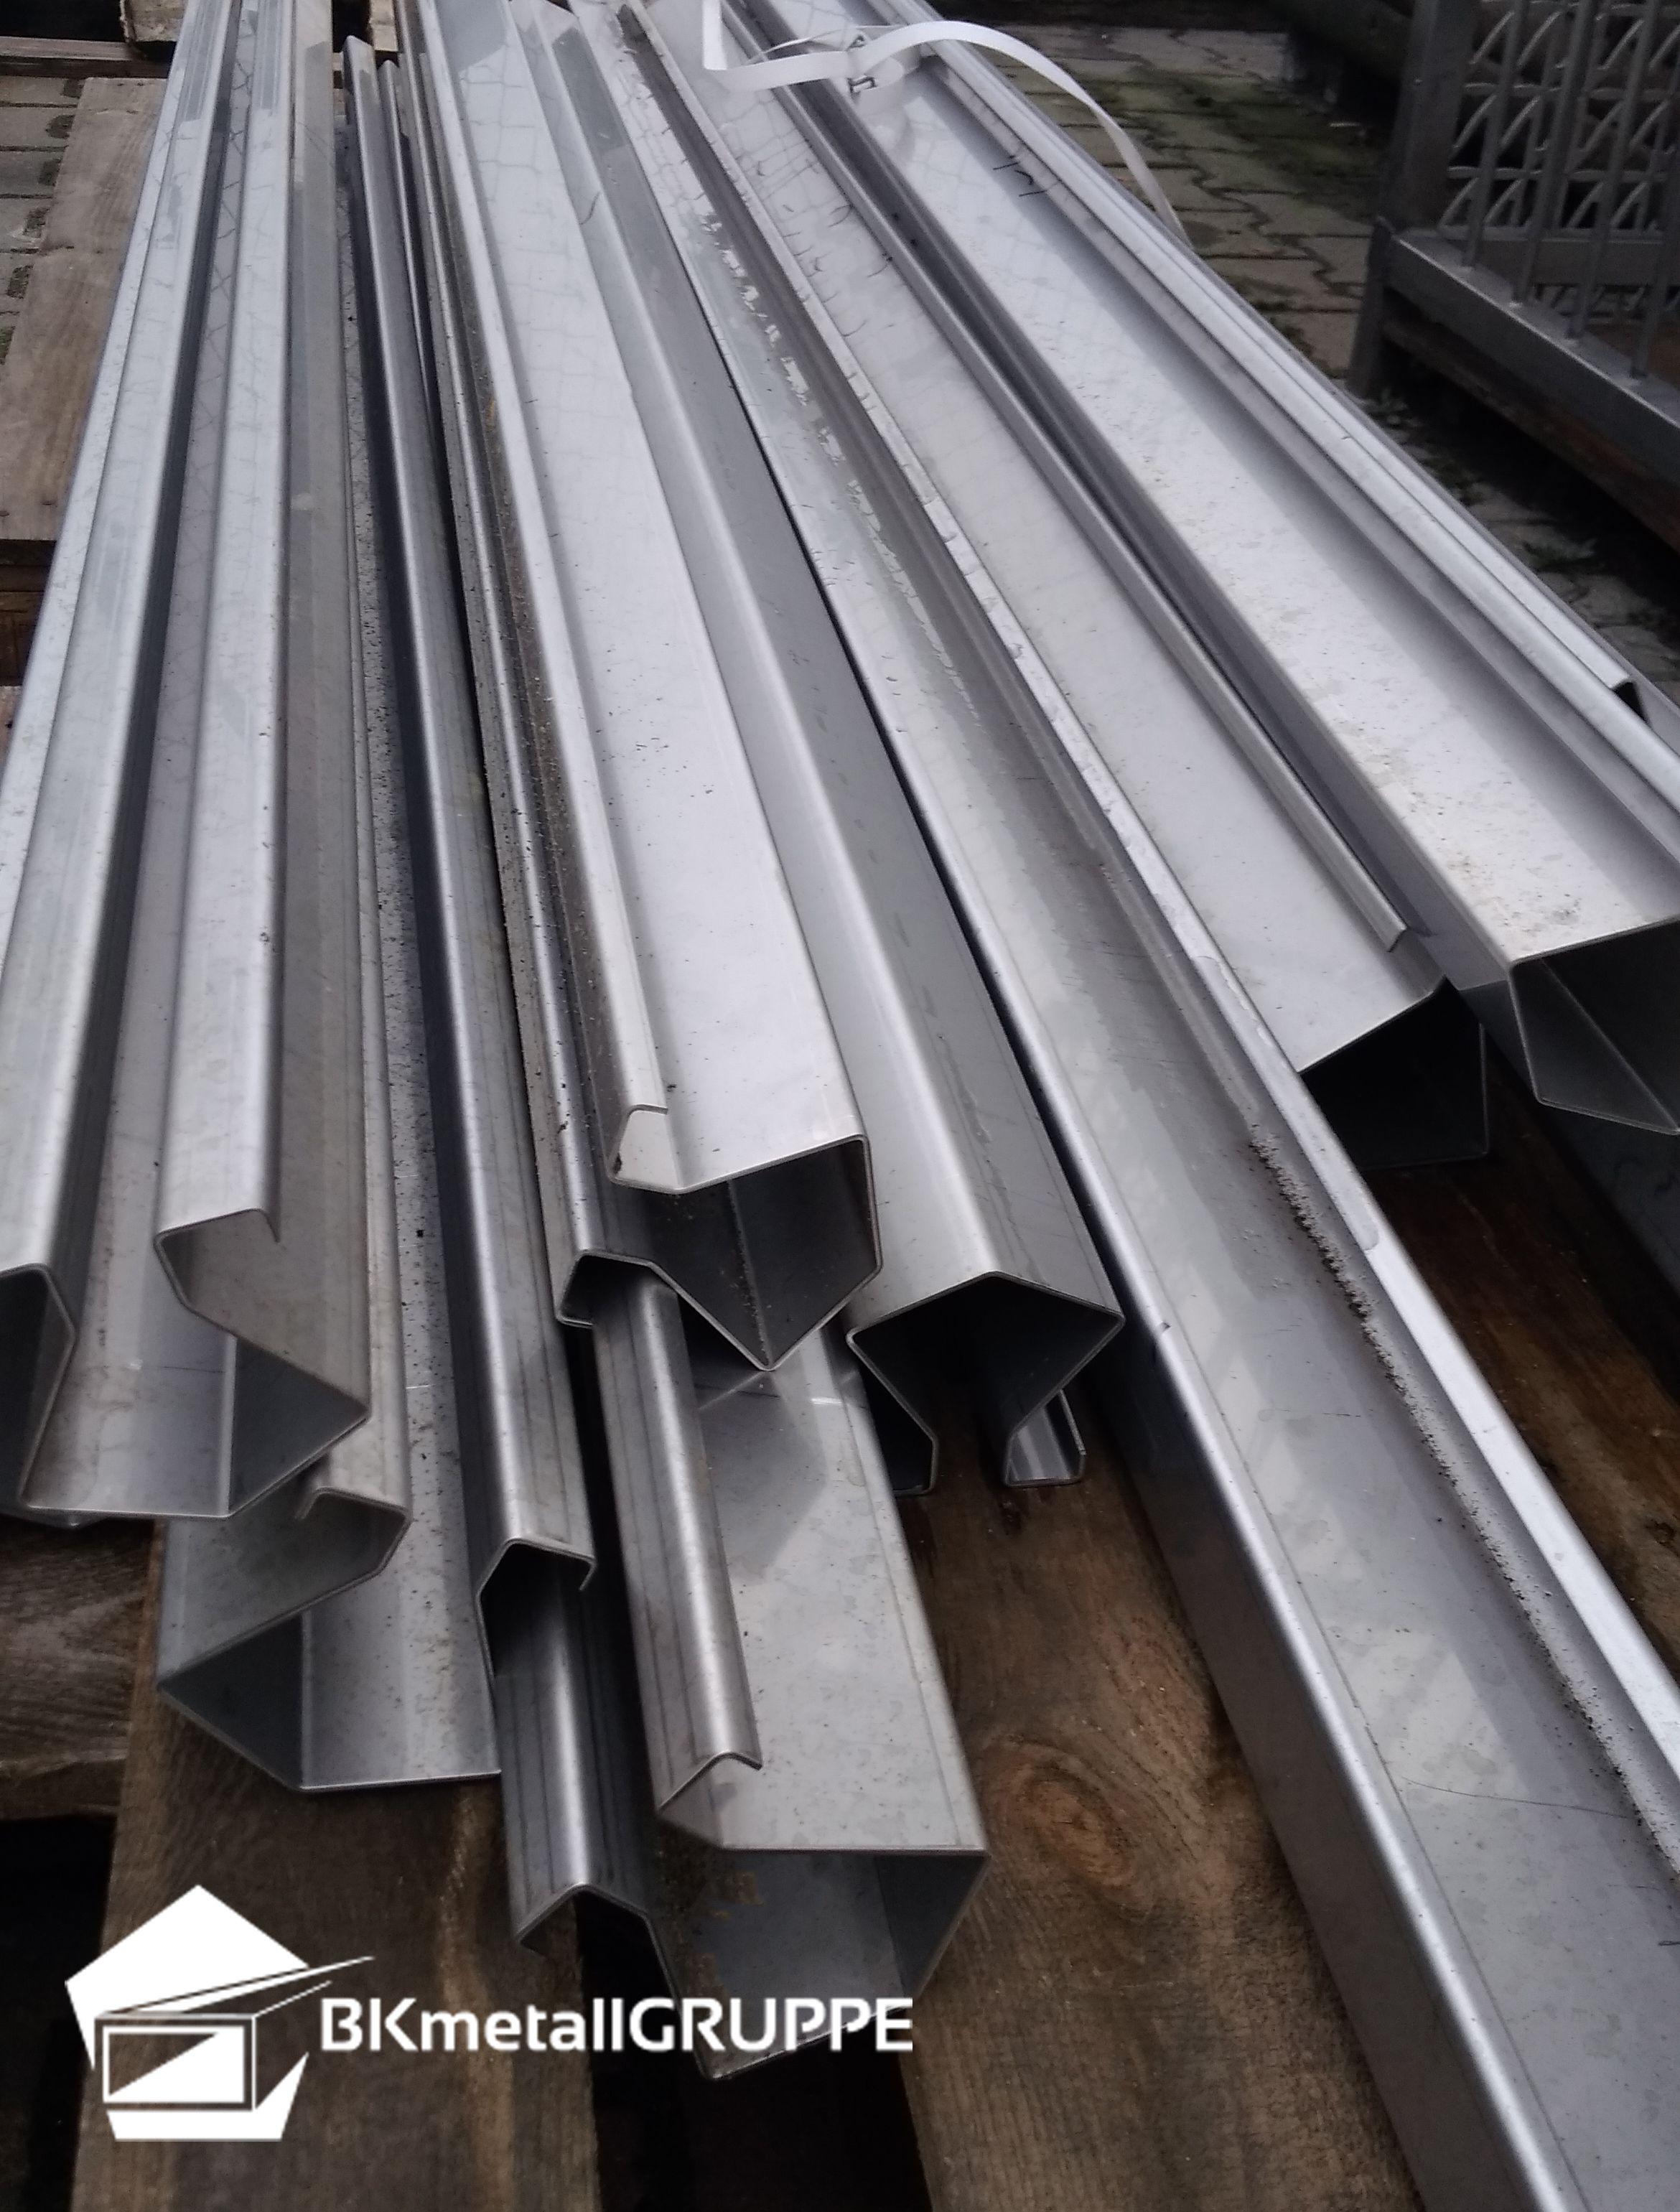 Stainless Steel Slot Channel Bk Sr60